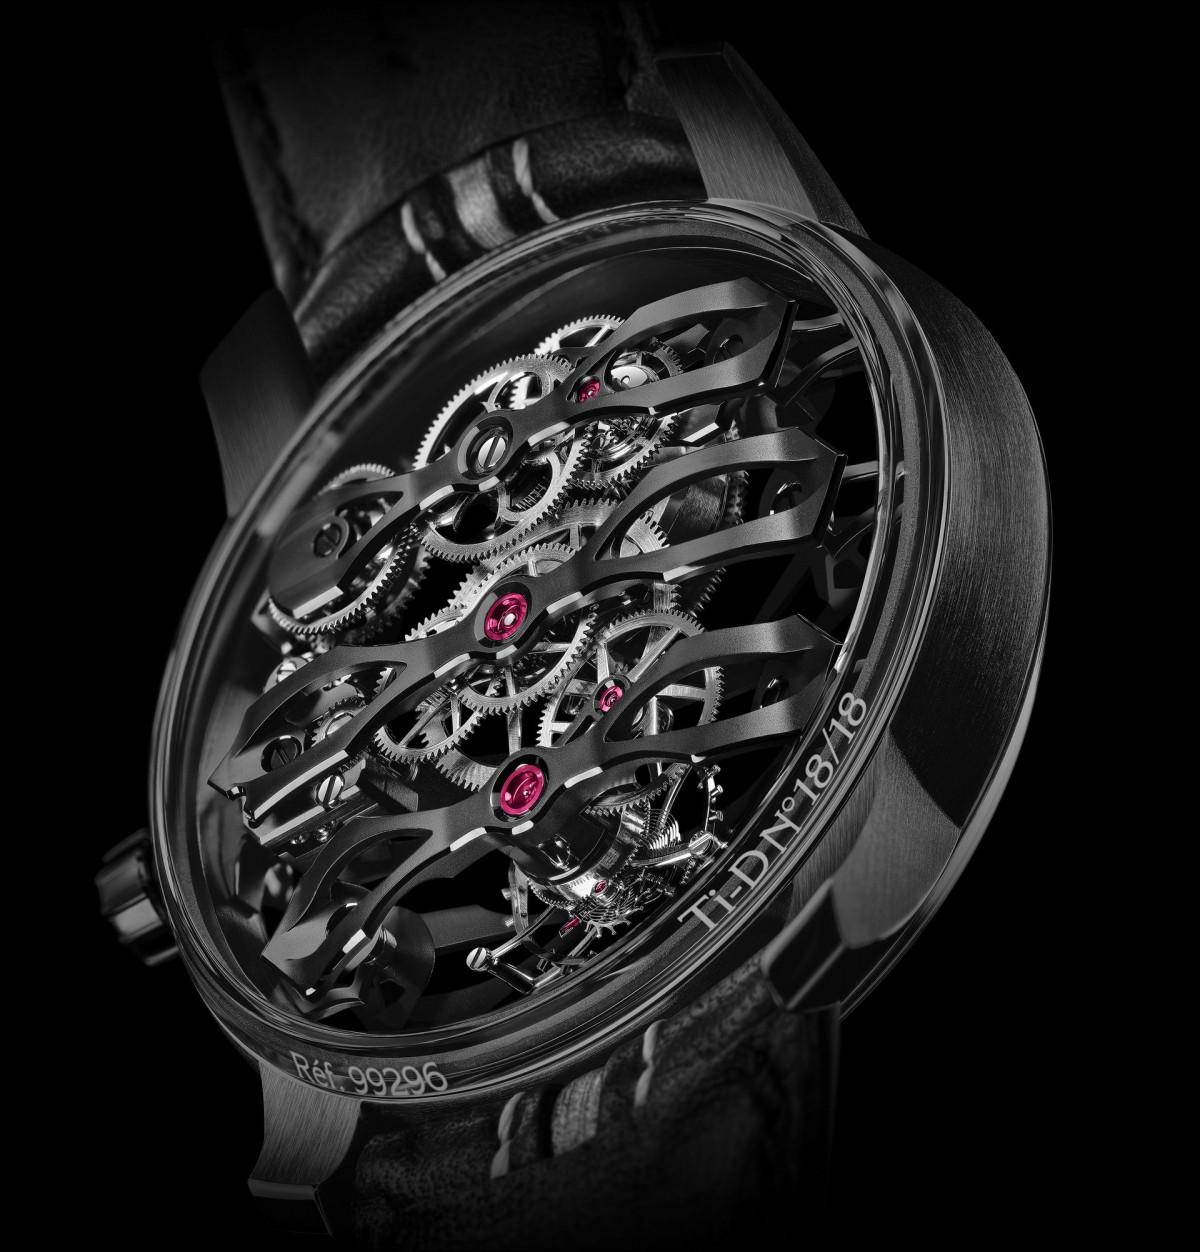 Aston Martin ra mắt mẫu đồng hồ giá hơn 3 tỷ đồng-3